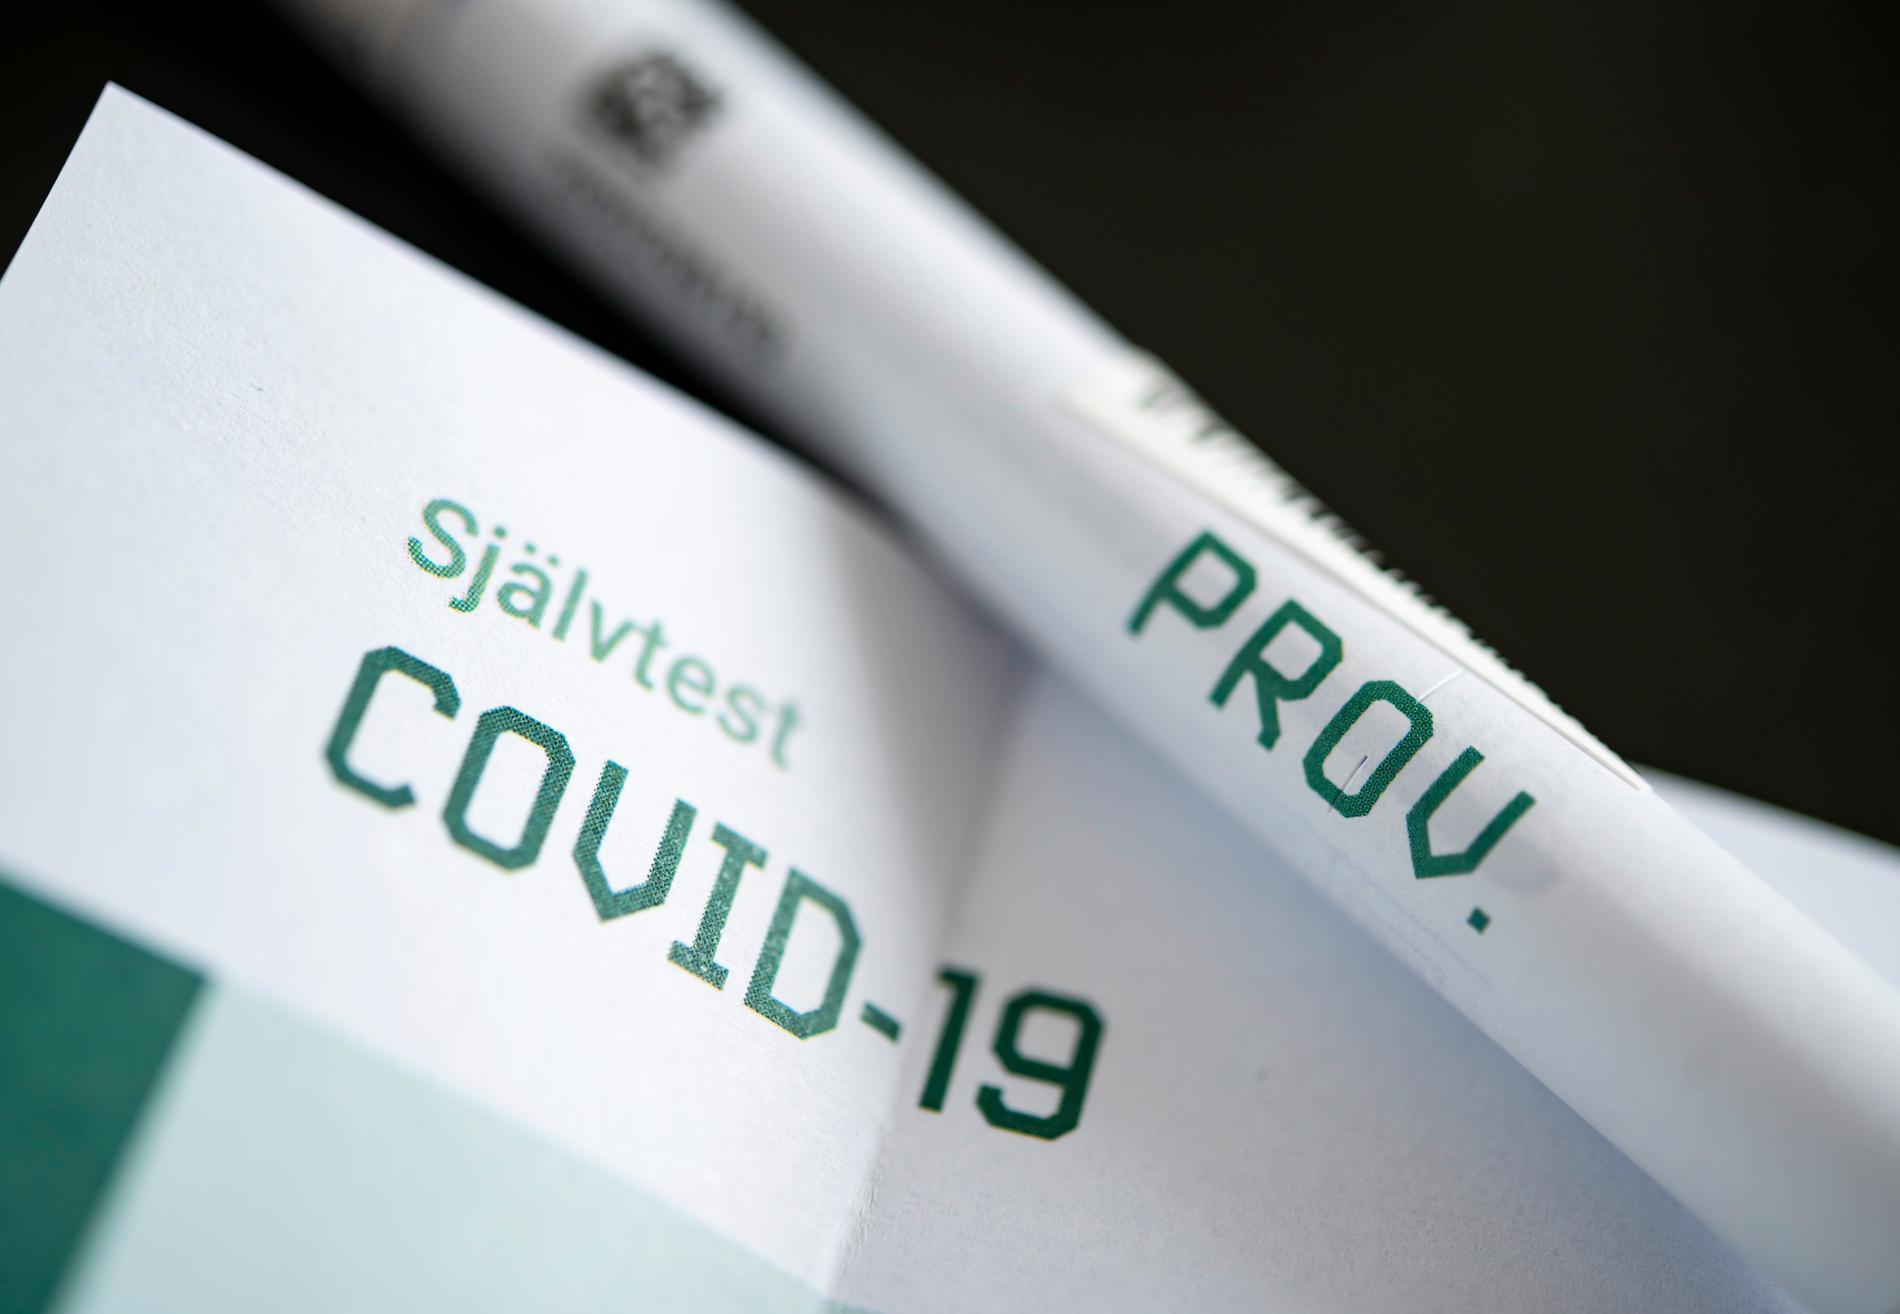 Självtest för eventuellt pågående Covid-19 infektion med provtagningspinne i provrör och instruktioner.